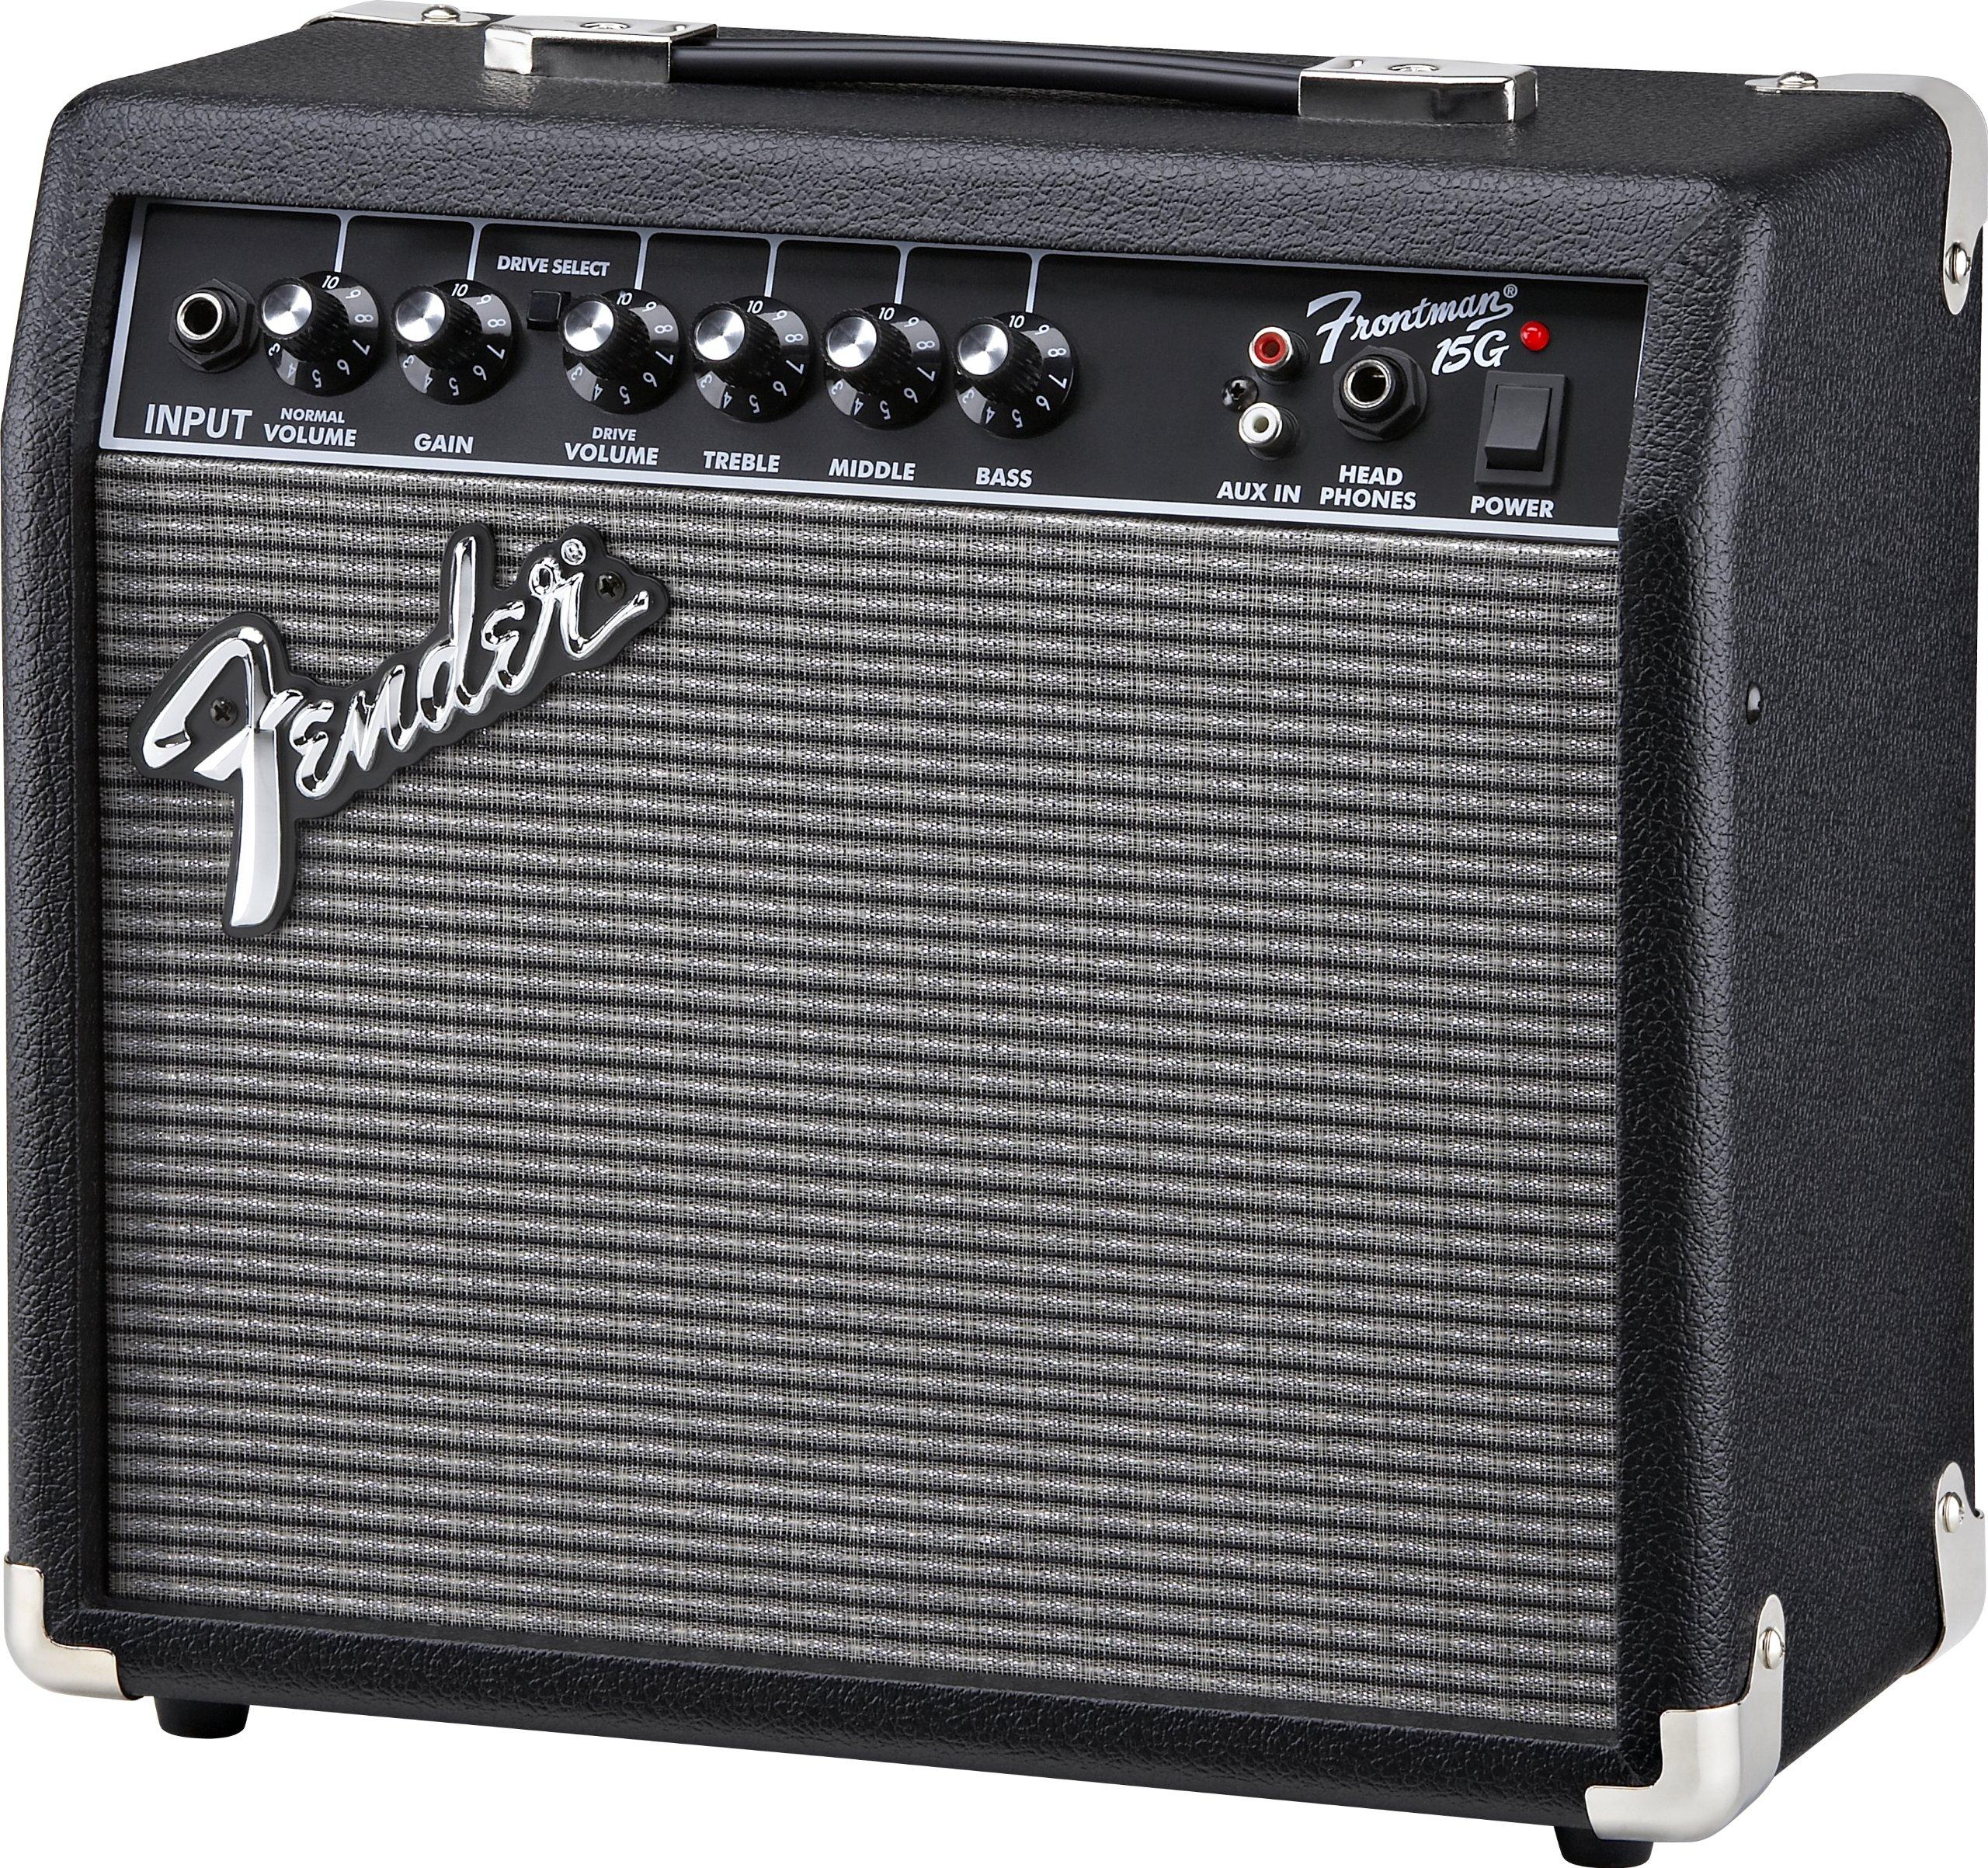 Amplificador de guitarra eléctrica Fender Frontman 15 G: Amazon.es ...